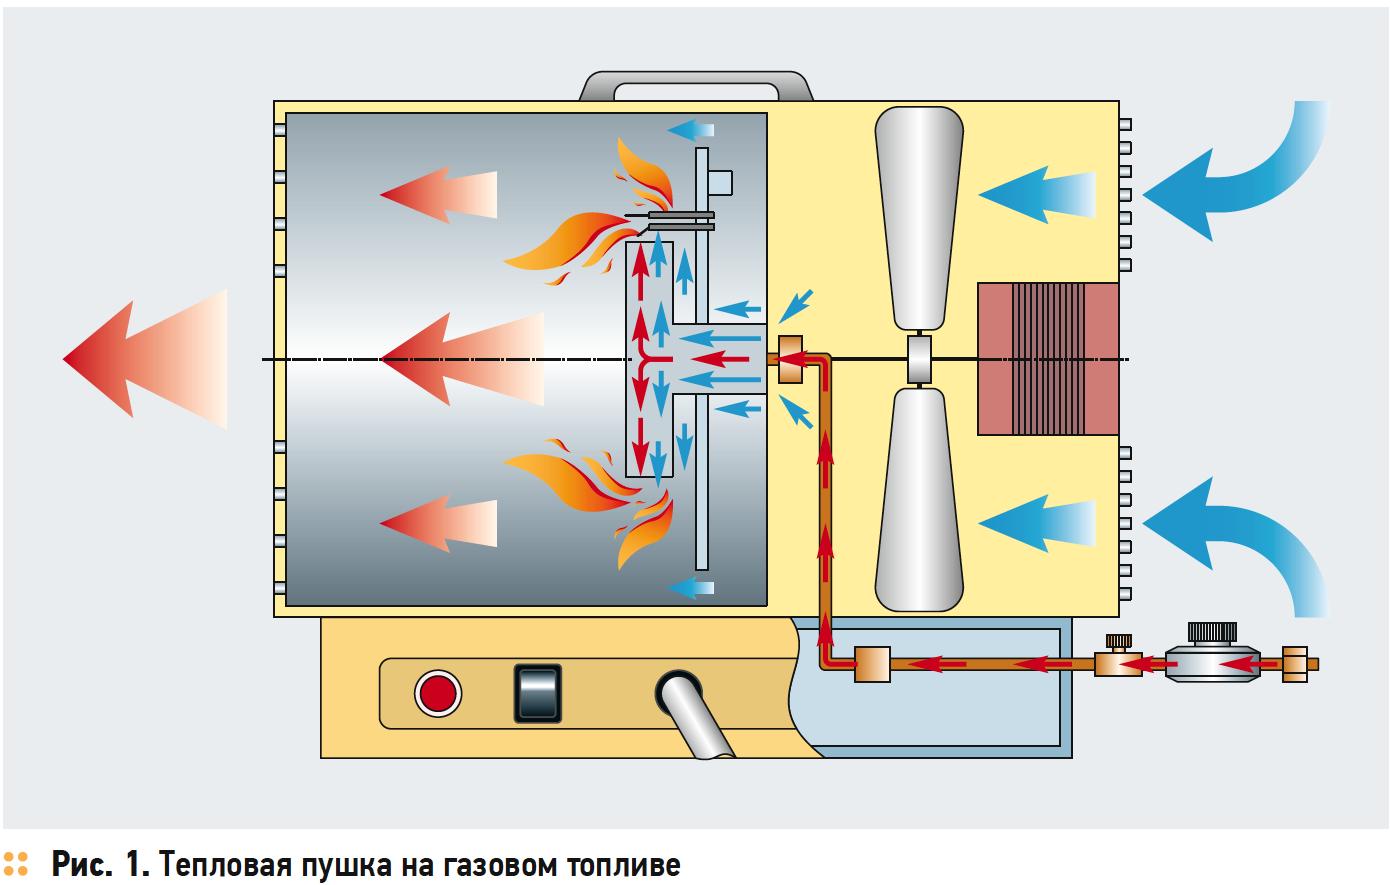 Использование газовой тепловой пушки для получения электроэнергии. 7/2018. Фото 1